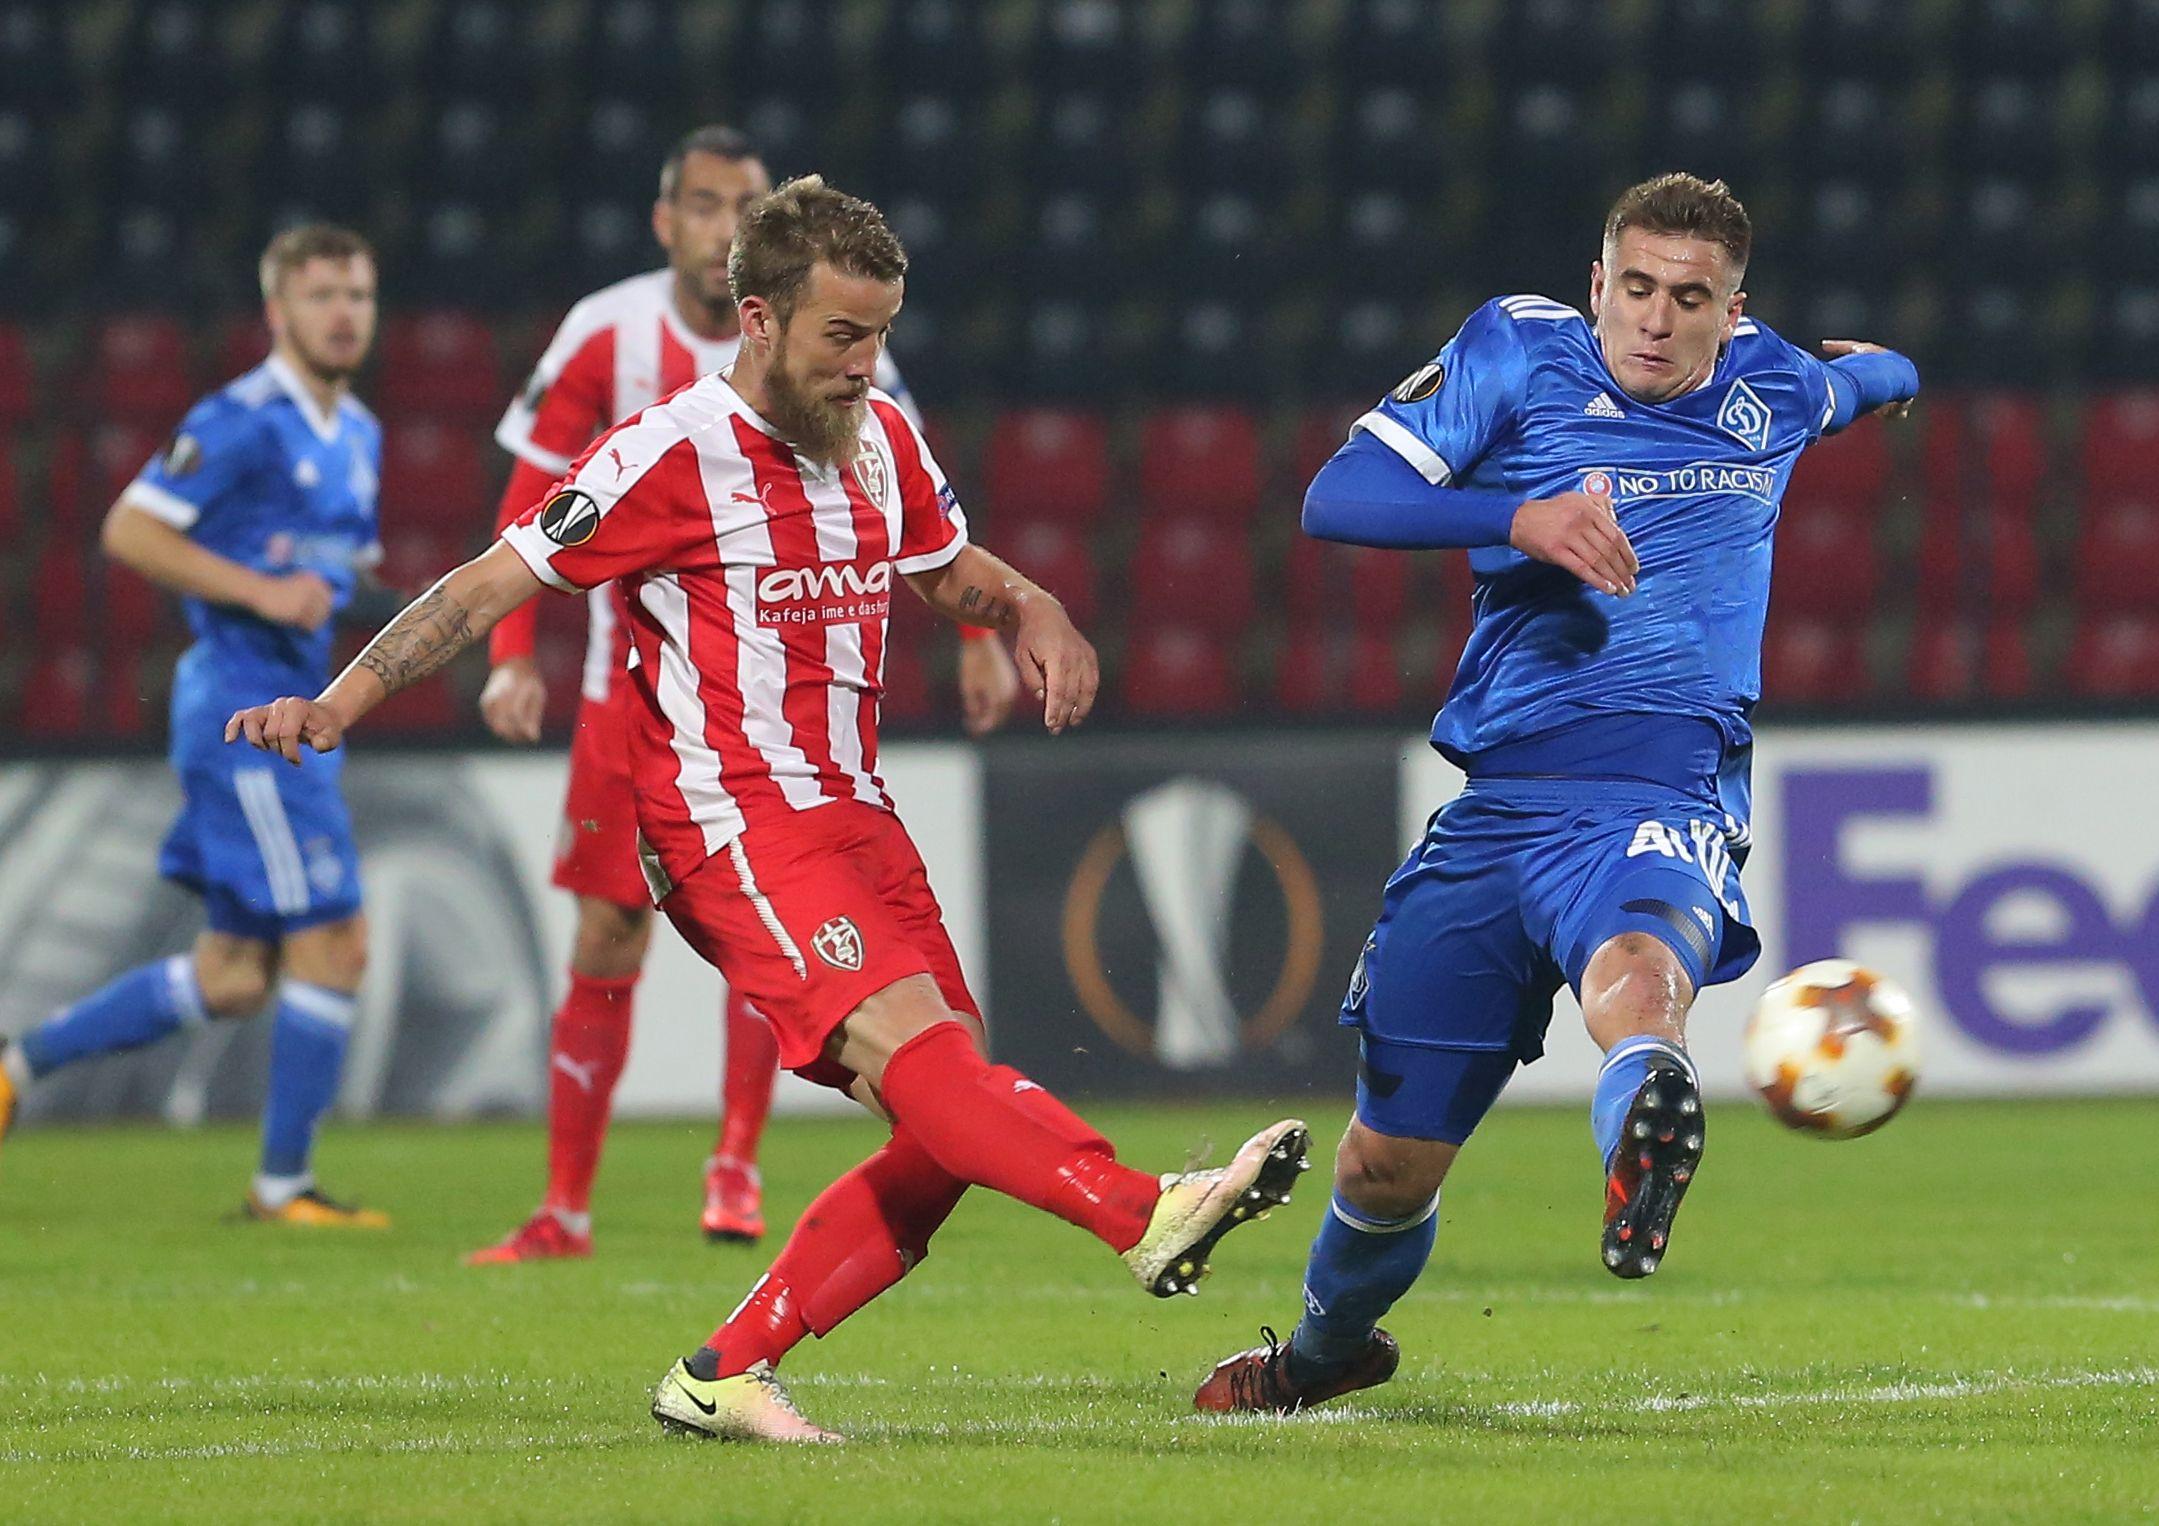 Заря потеряла шансы на выход в плей-офф Лиги Европы